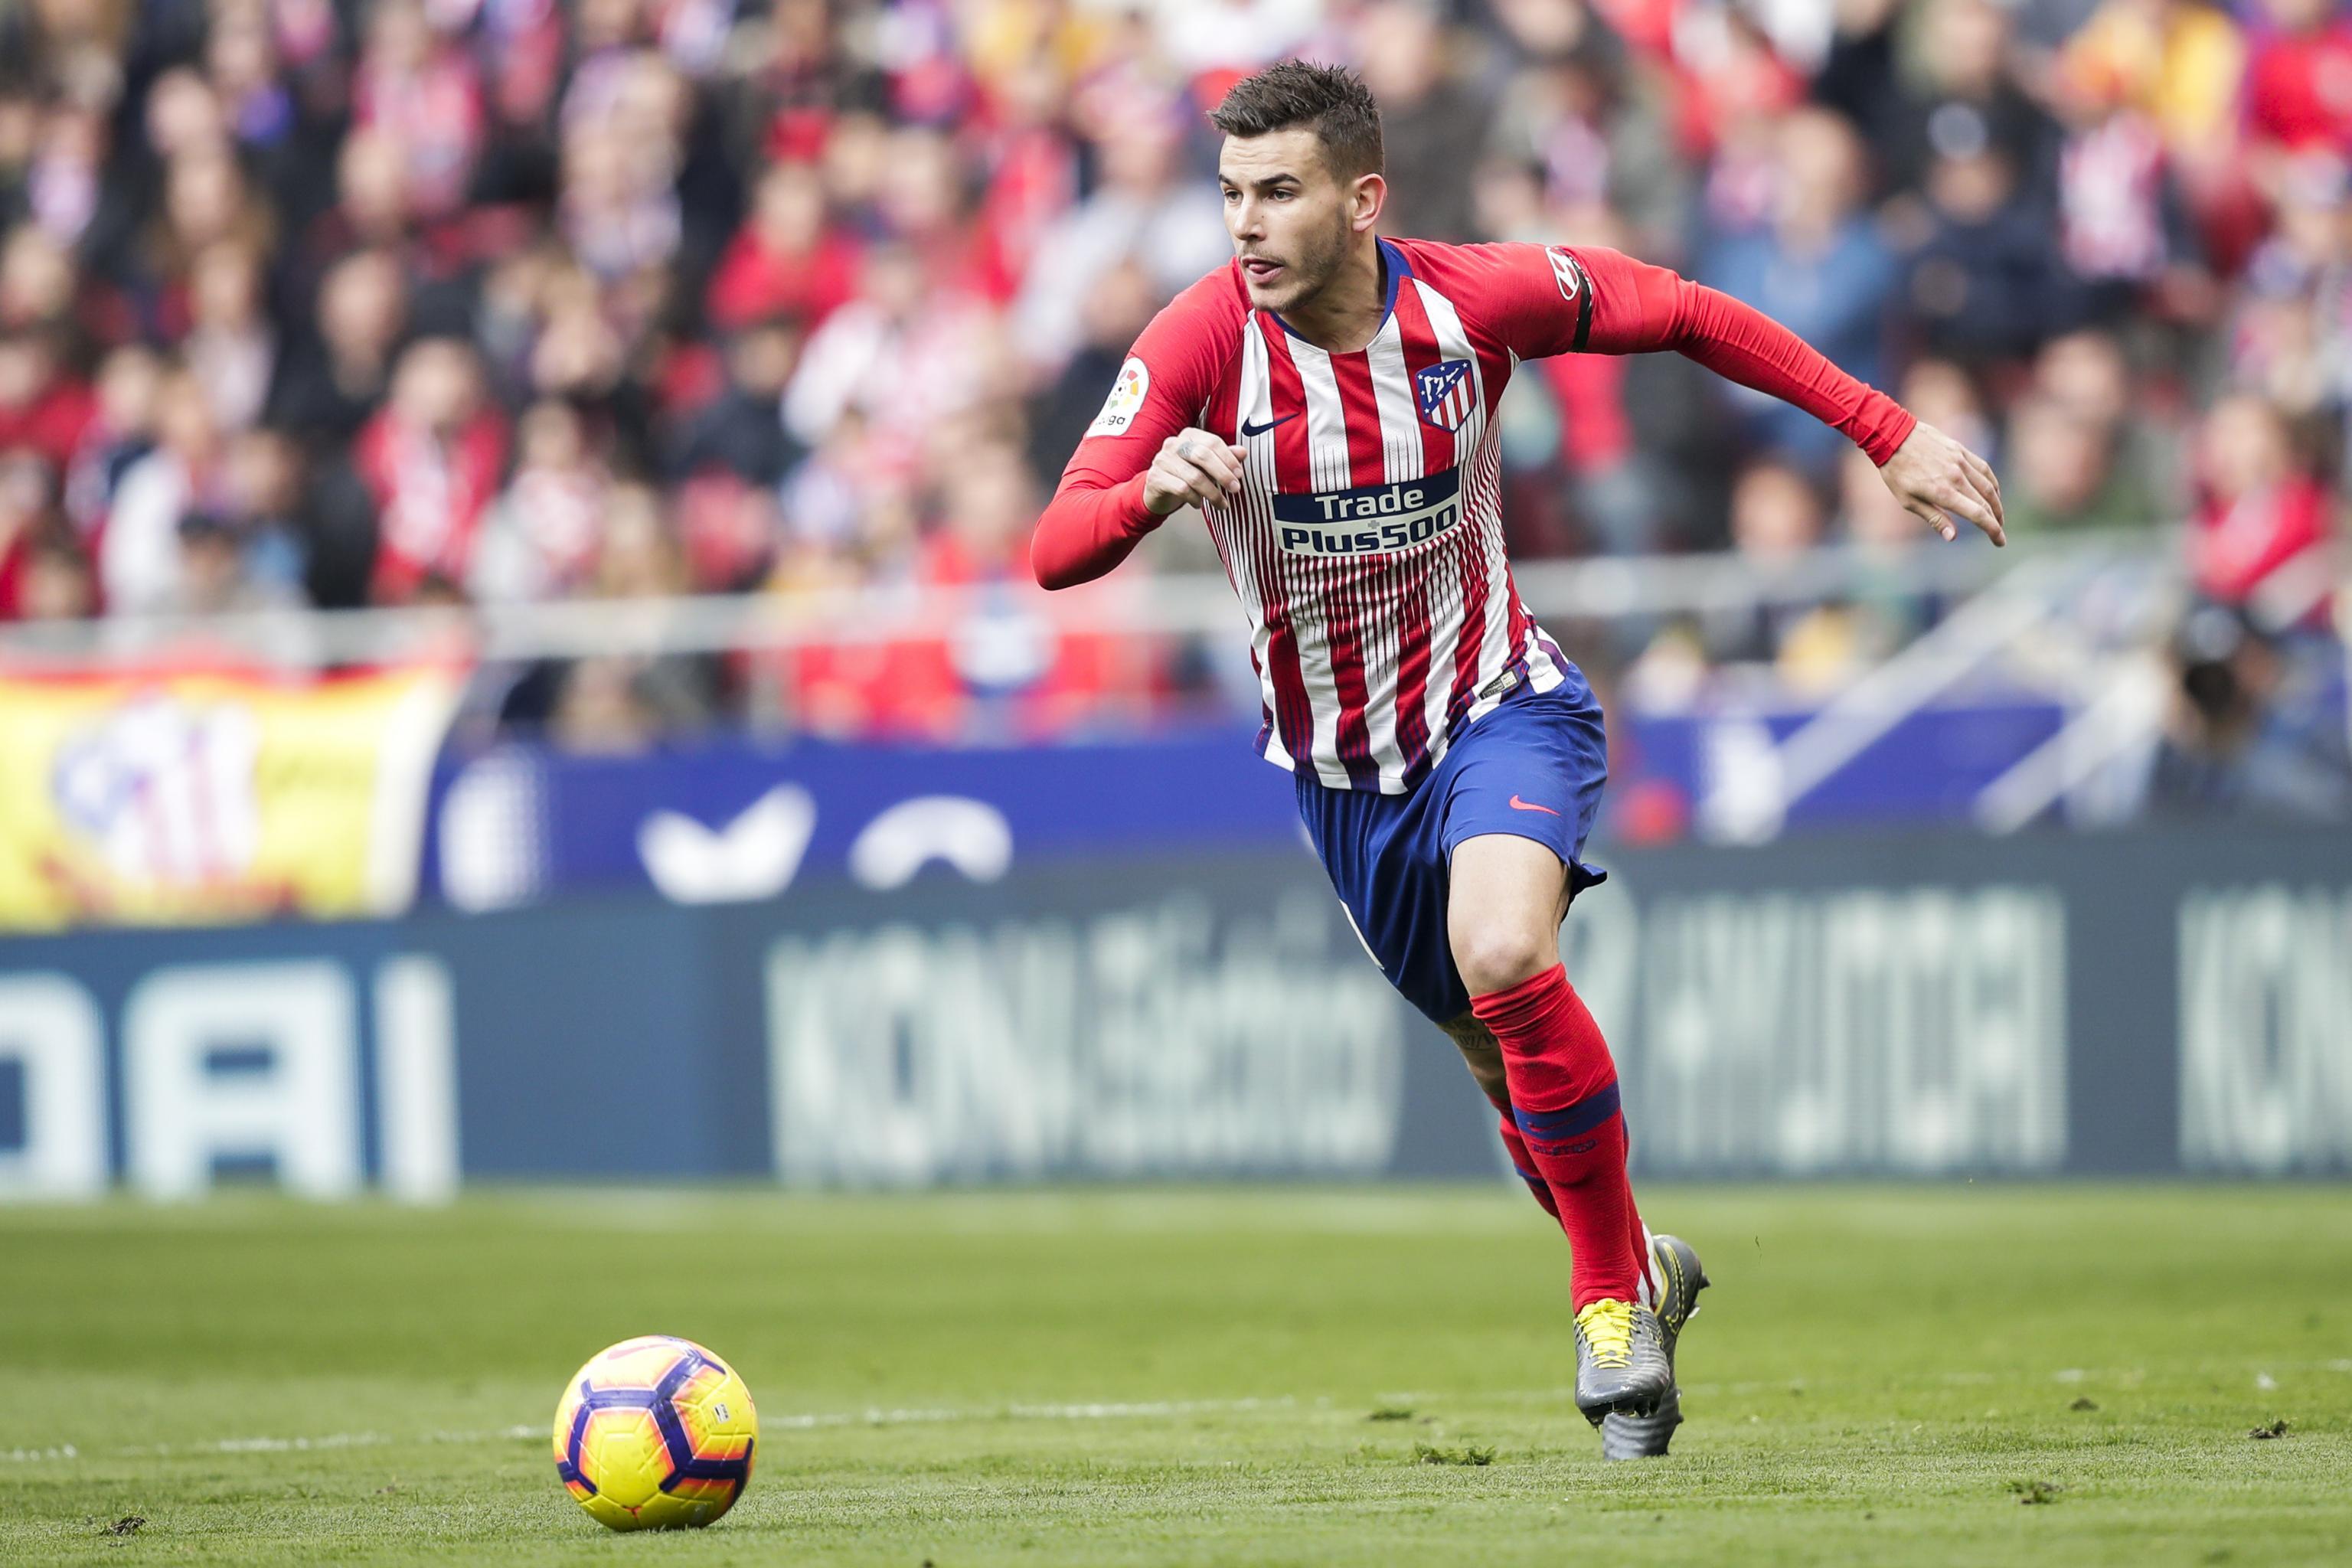 Lucas Hernández ještě ve službách Atlética Madrid